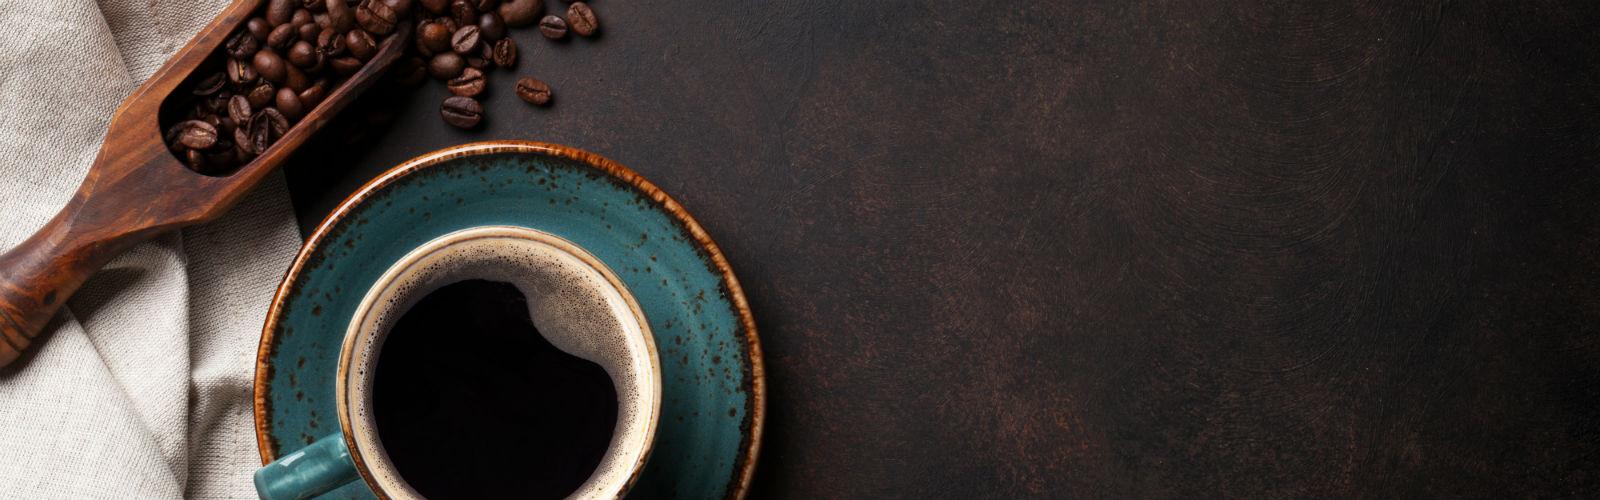 dla kawosza